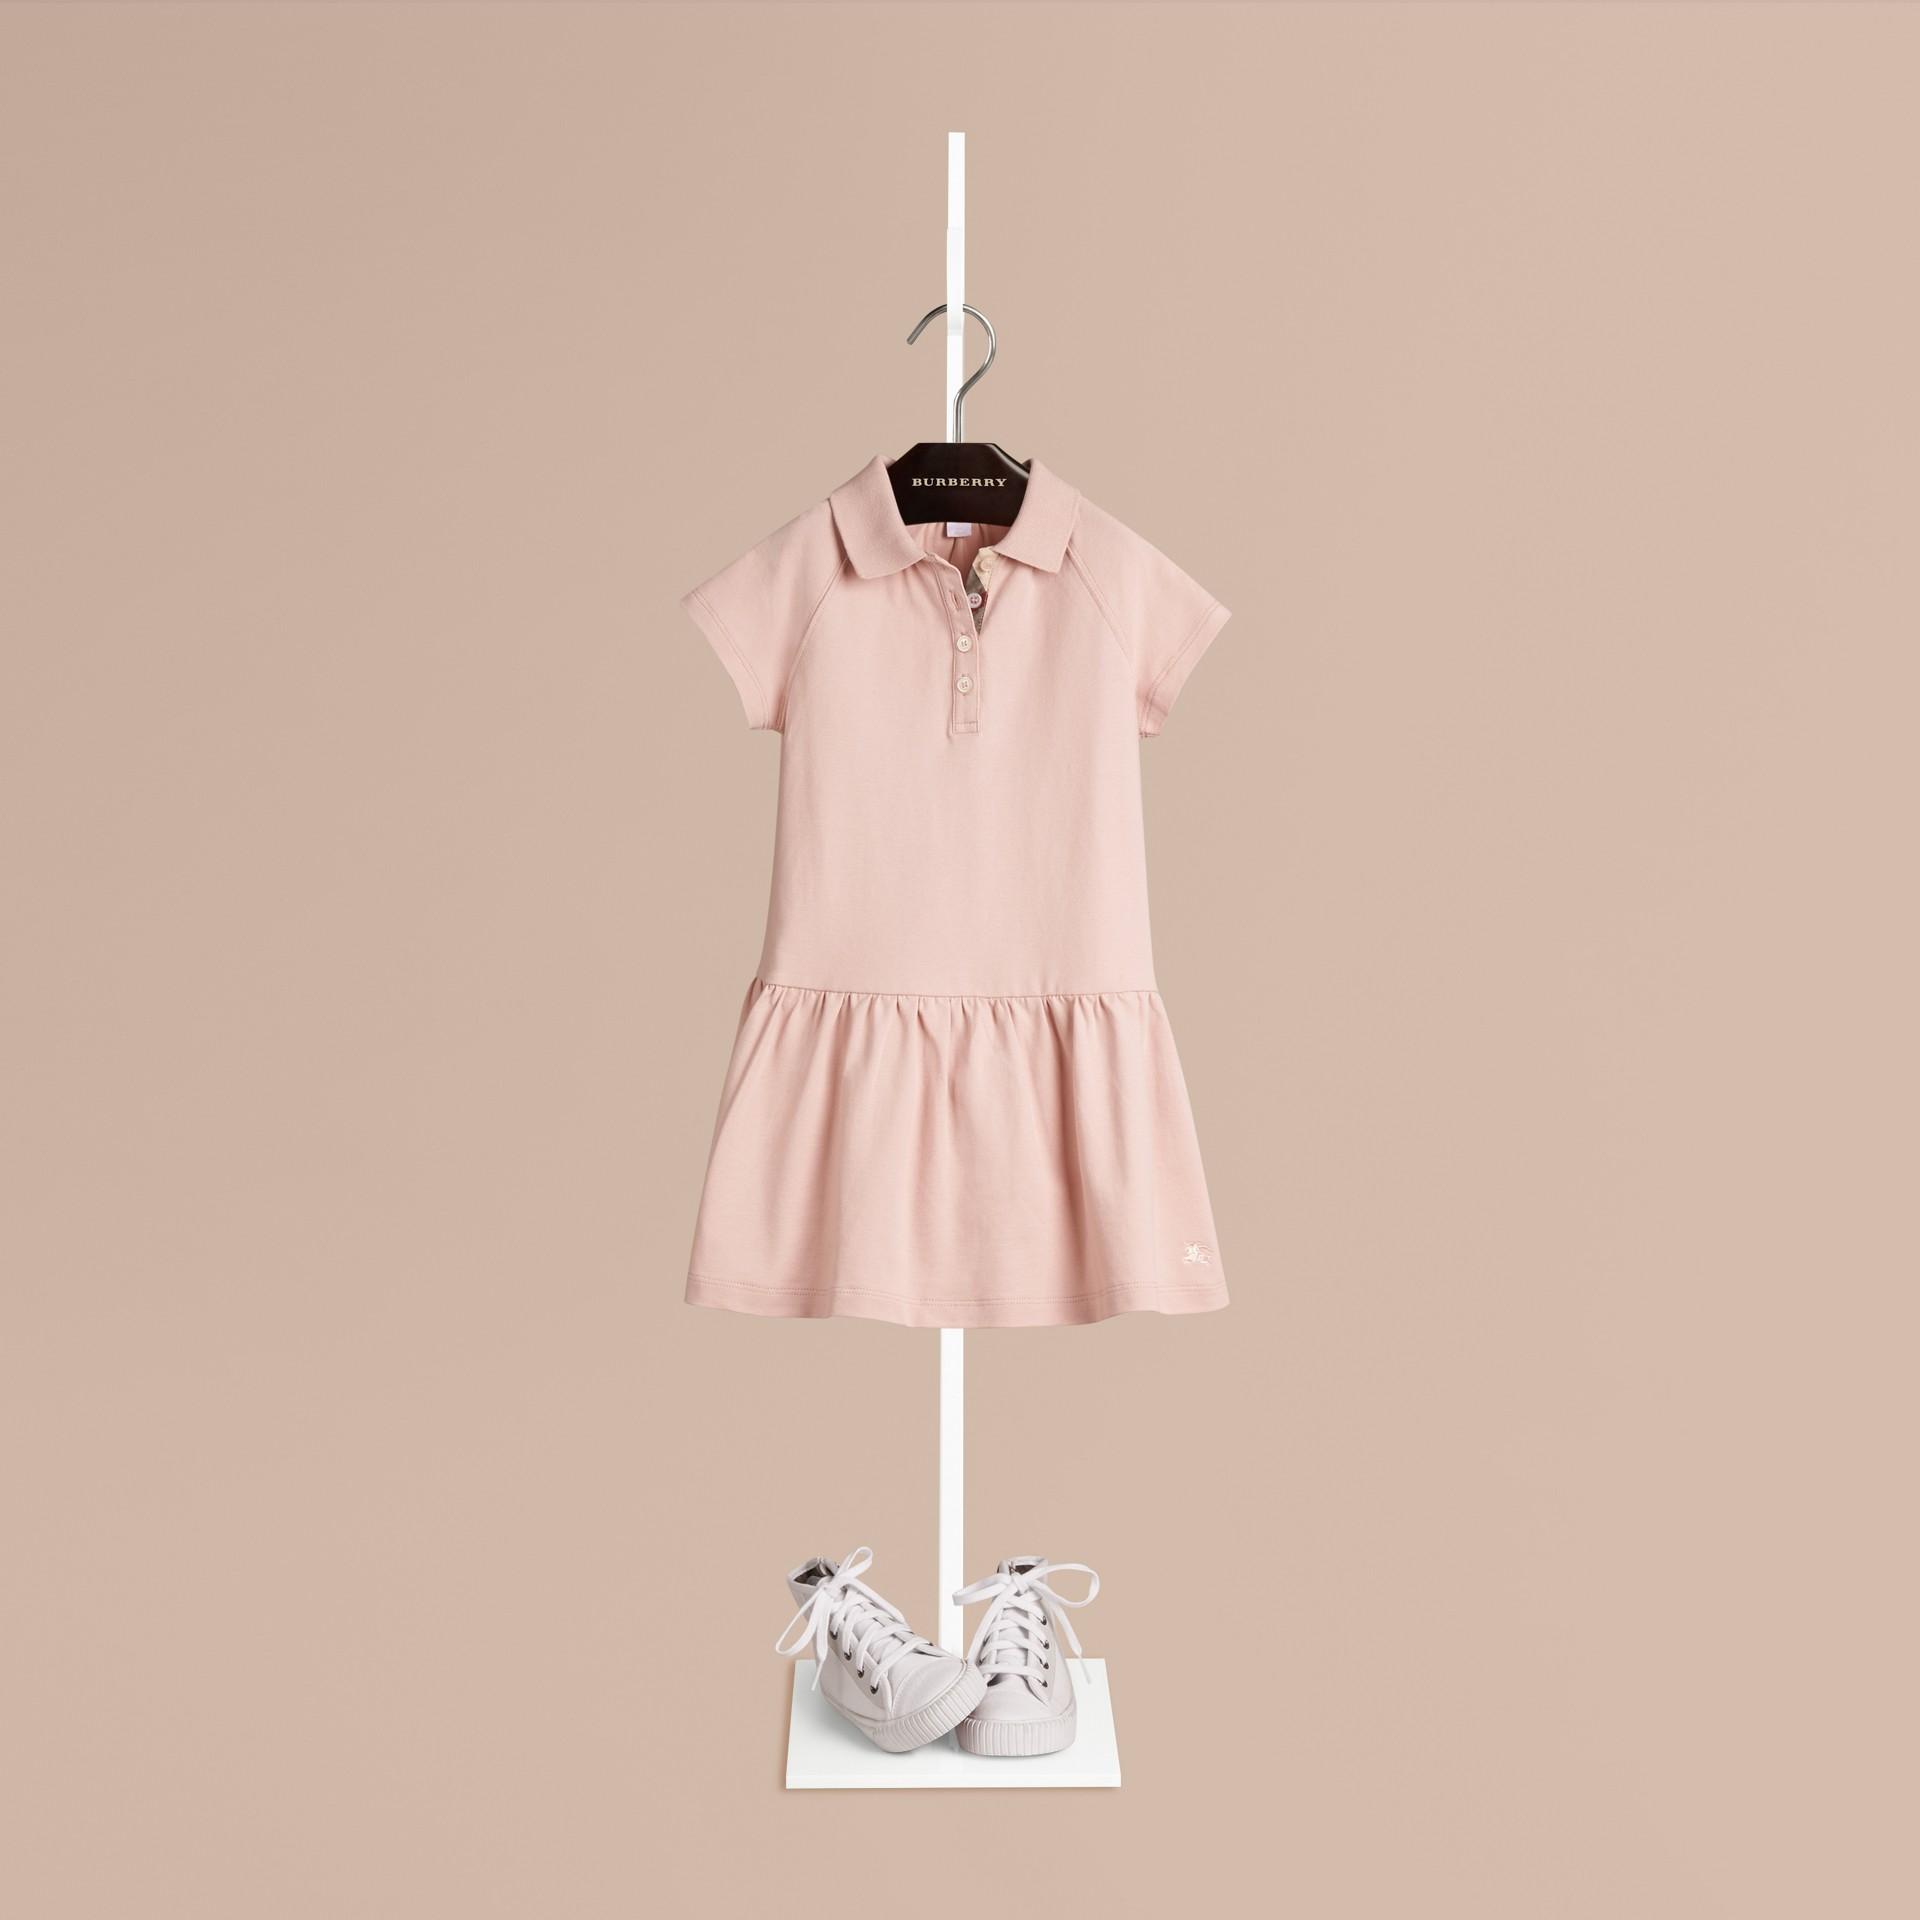 Kreidefarben-rosa T-Shirtkleid aus einer Baumwollmischung mit Check-Knopfleiste Kreidefarben-rosa - Galerie-Bild 1